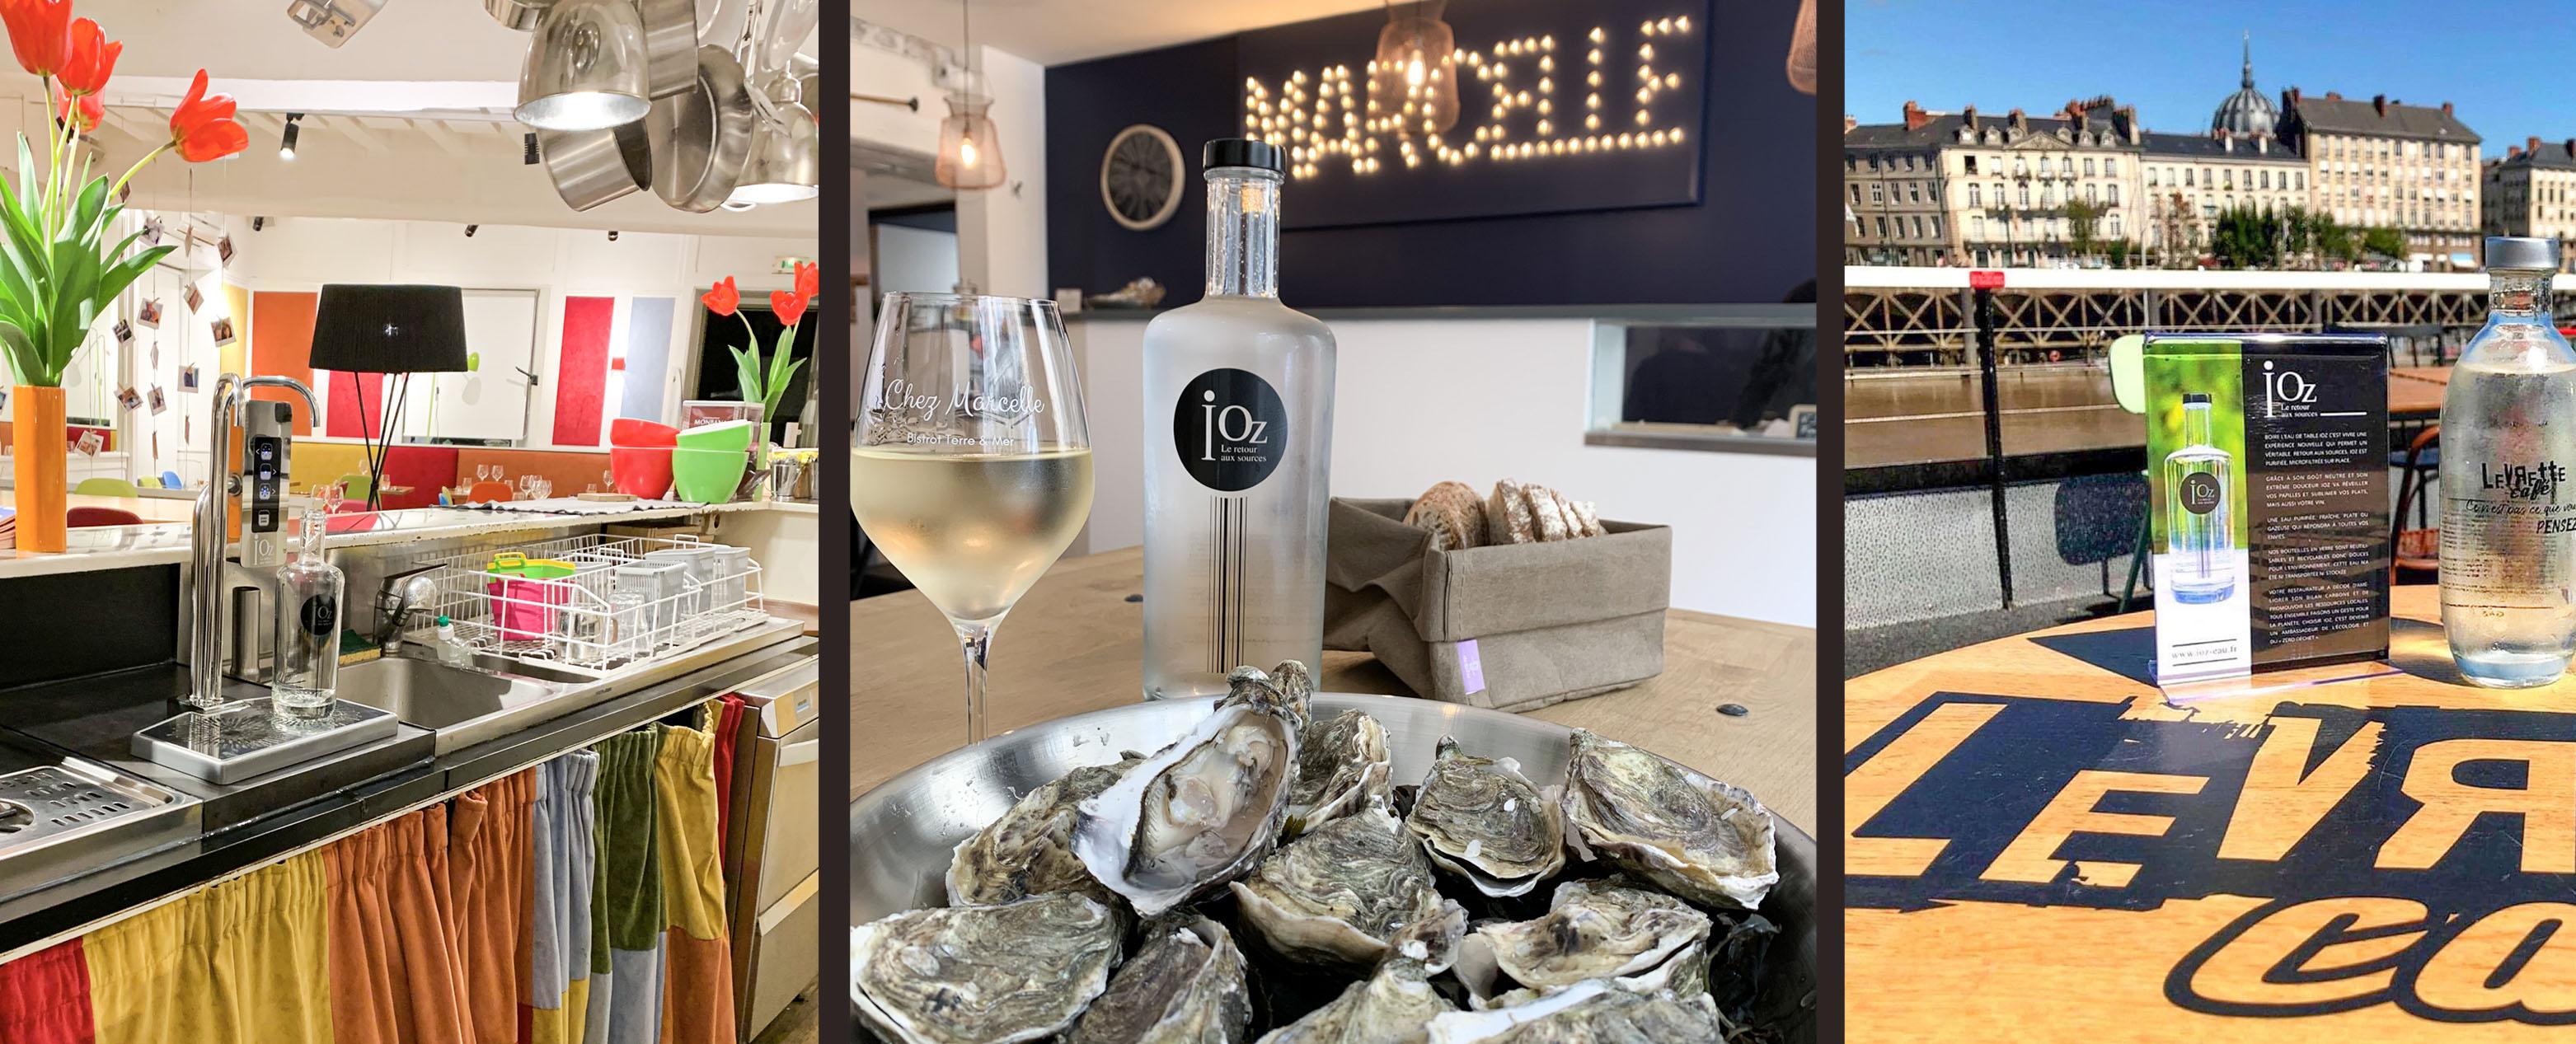 3 photos bouteille iOz au restaurant derrière le comptoir, présentée devant un plat d'huîtres et en terrasse